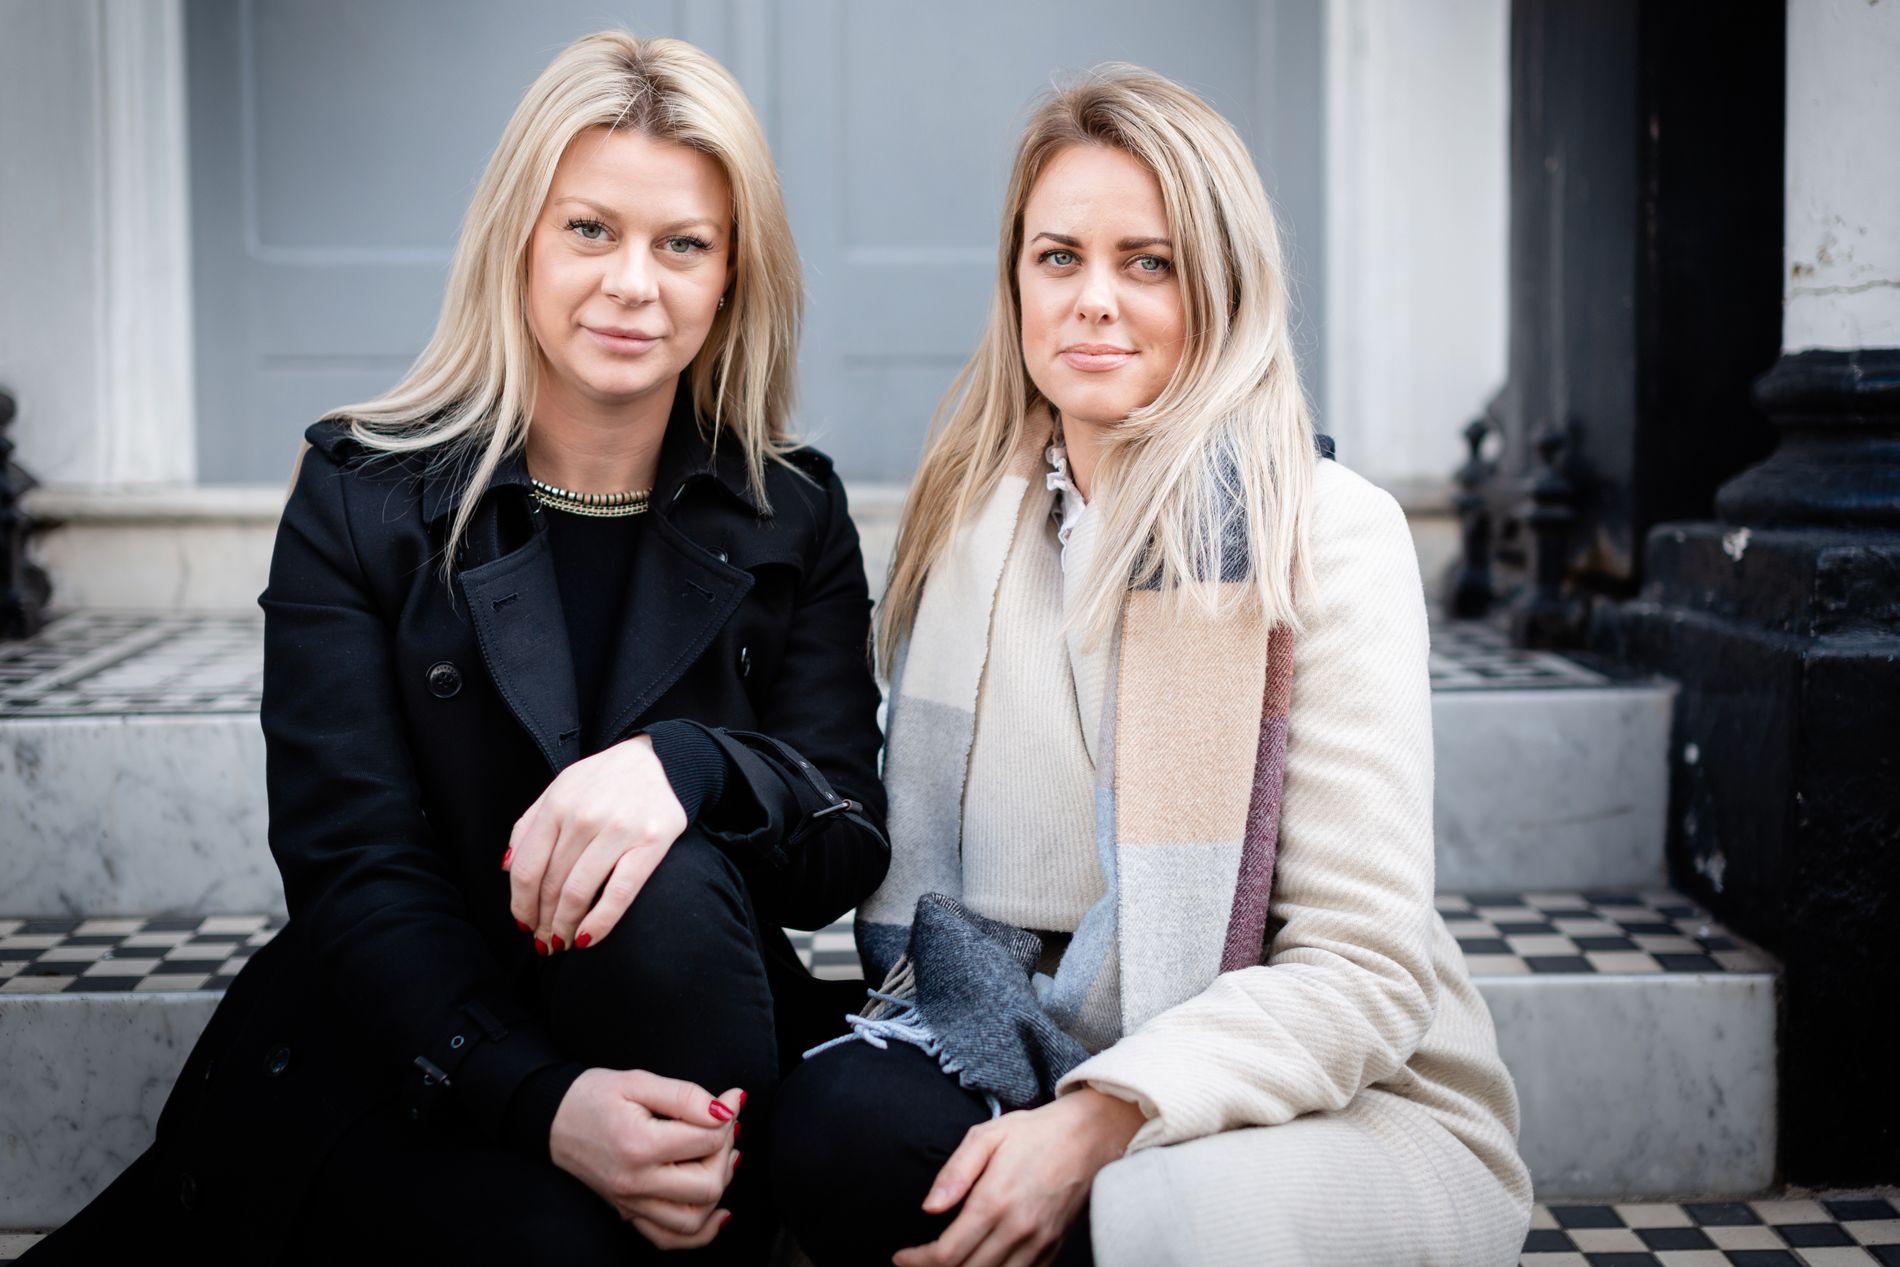 SKUFFET: Svenske Pernilla Sjøholm (t.v.) og norske Cecilie Schrøder Fjellhøy mener europeisk politi burde ha samarbeidet bedre i etterforskningen av Tindersvindleren Simon Leviev.